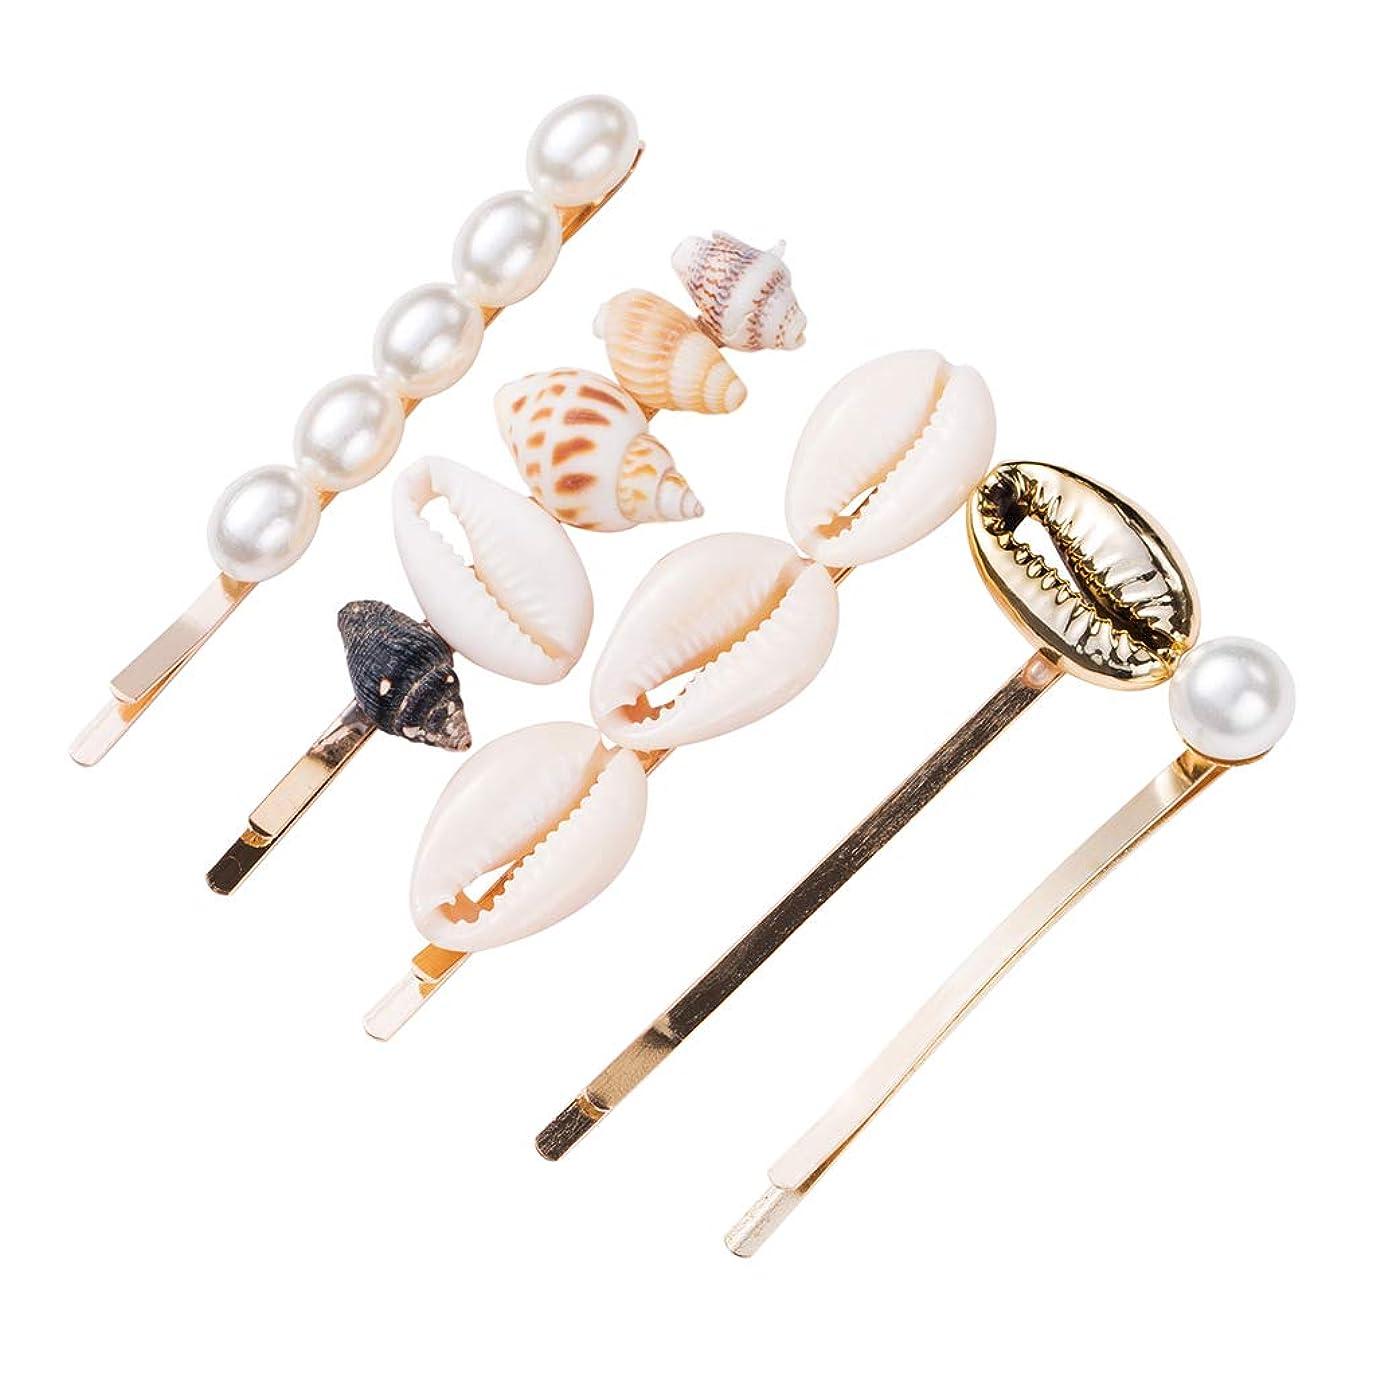 噛む確立しますテラスKimyuo 5ピース/セットオーシャン巻き貝貝殻金属合金ヘアピン女性ビーチホリデーヘアスタイリングバレット模造真珠サイド前髪ヘアクリップ